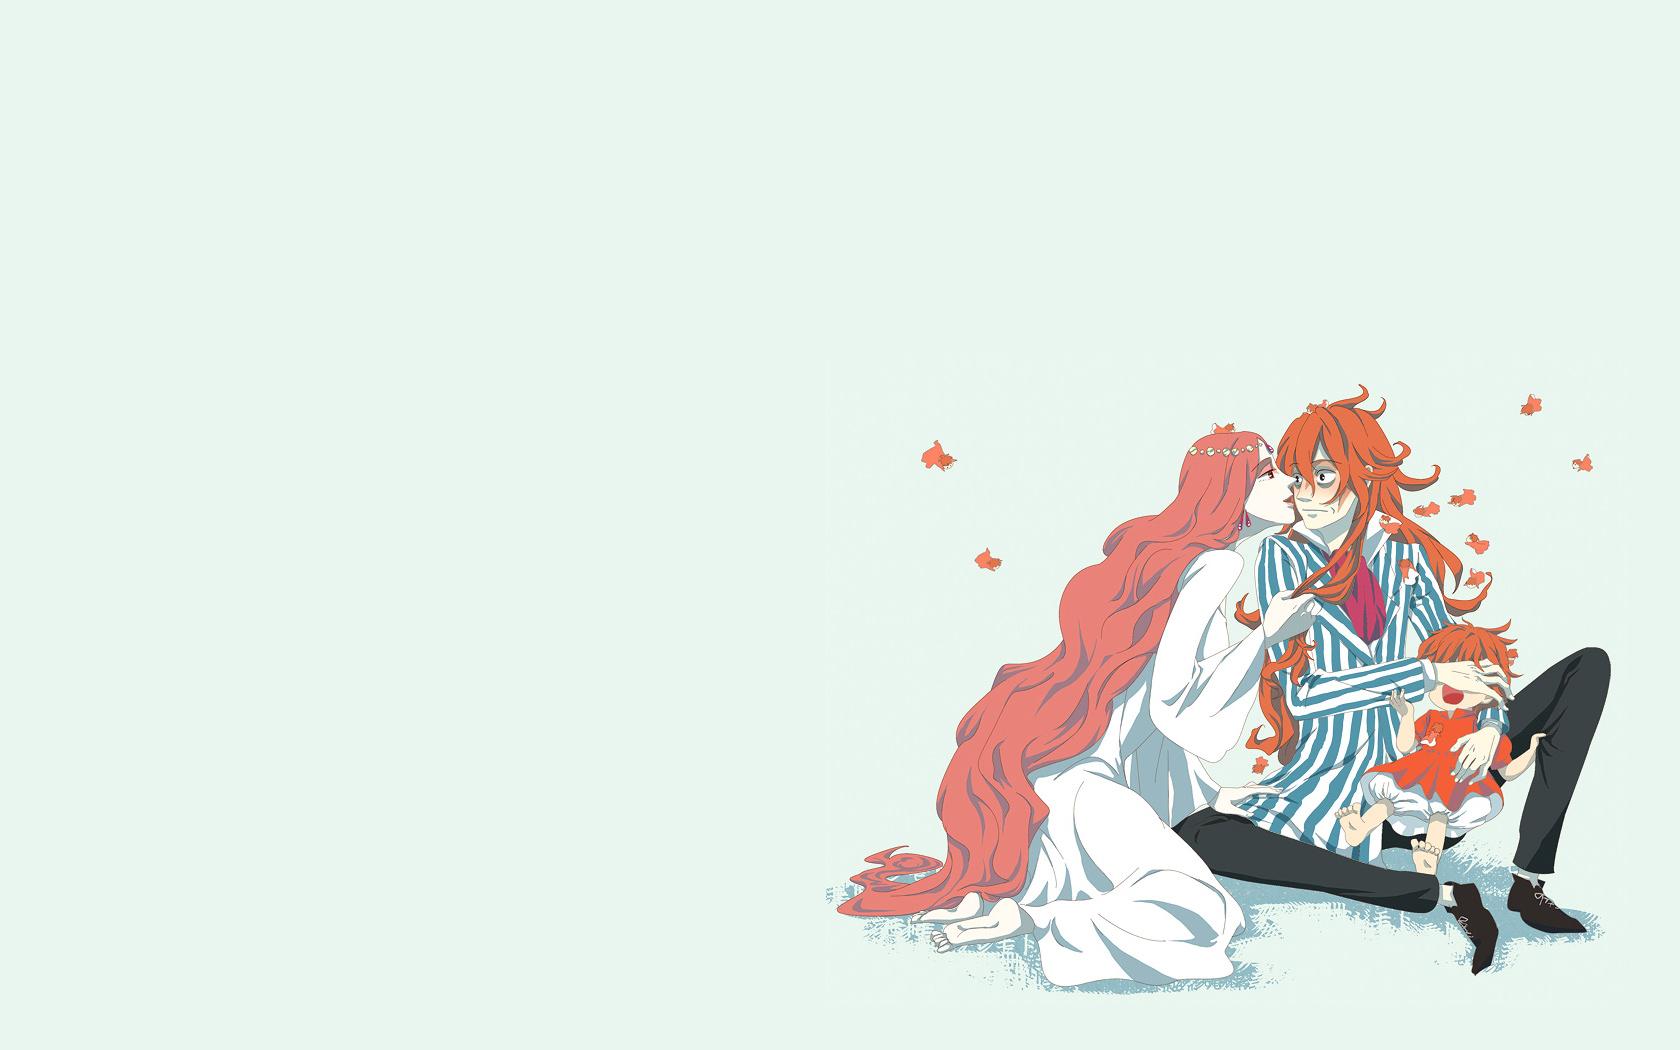 ponyo studio ghibli HD Wallpaper   Anime Manga 654797 1680x1050